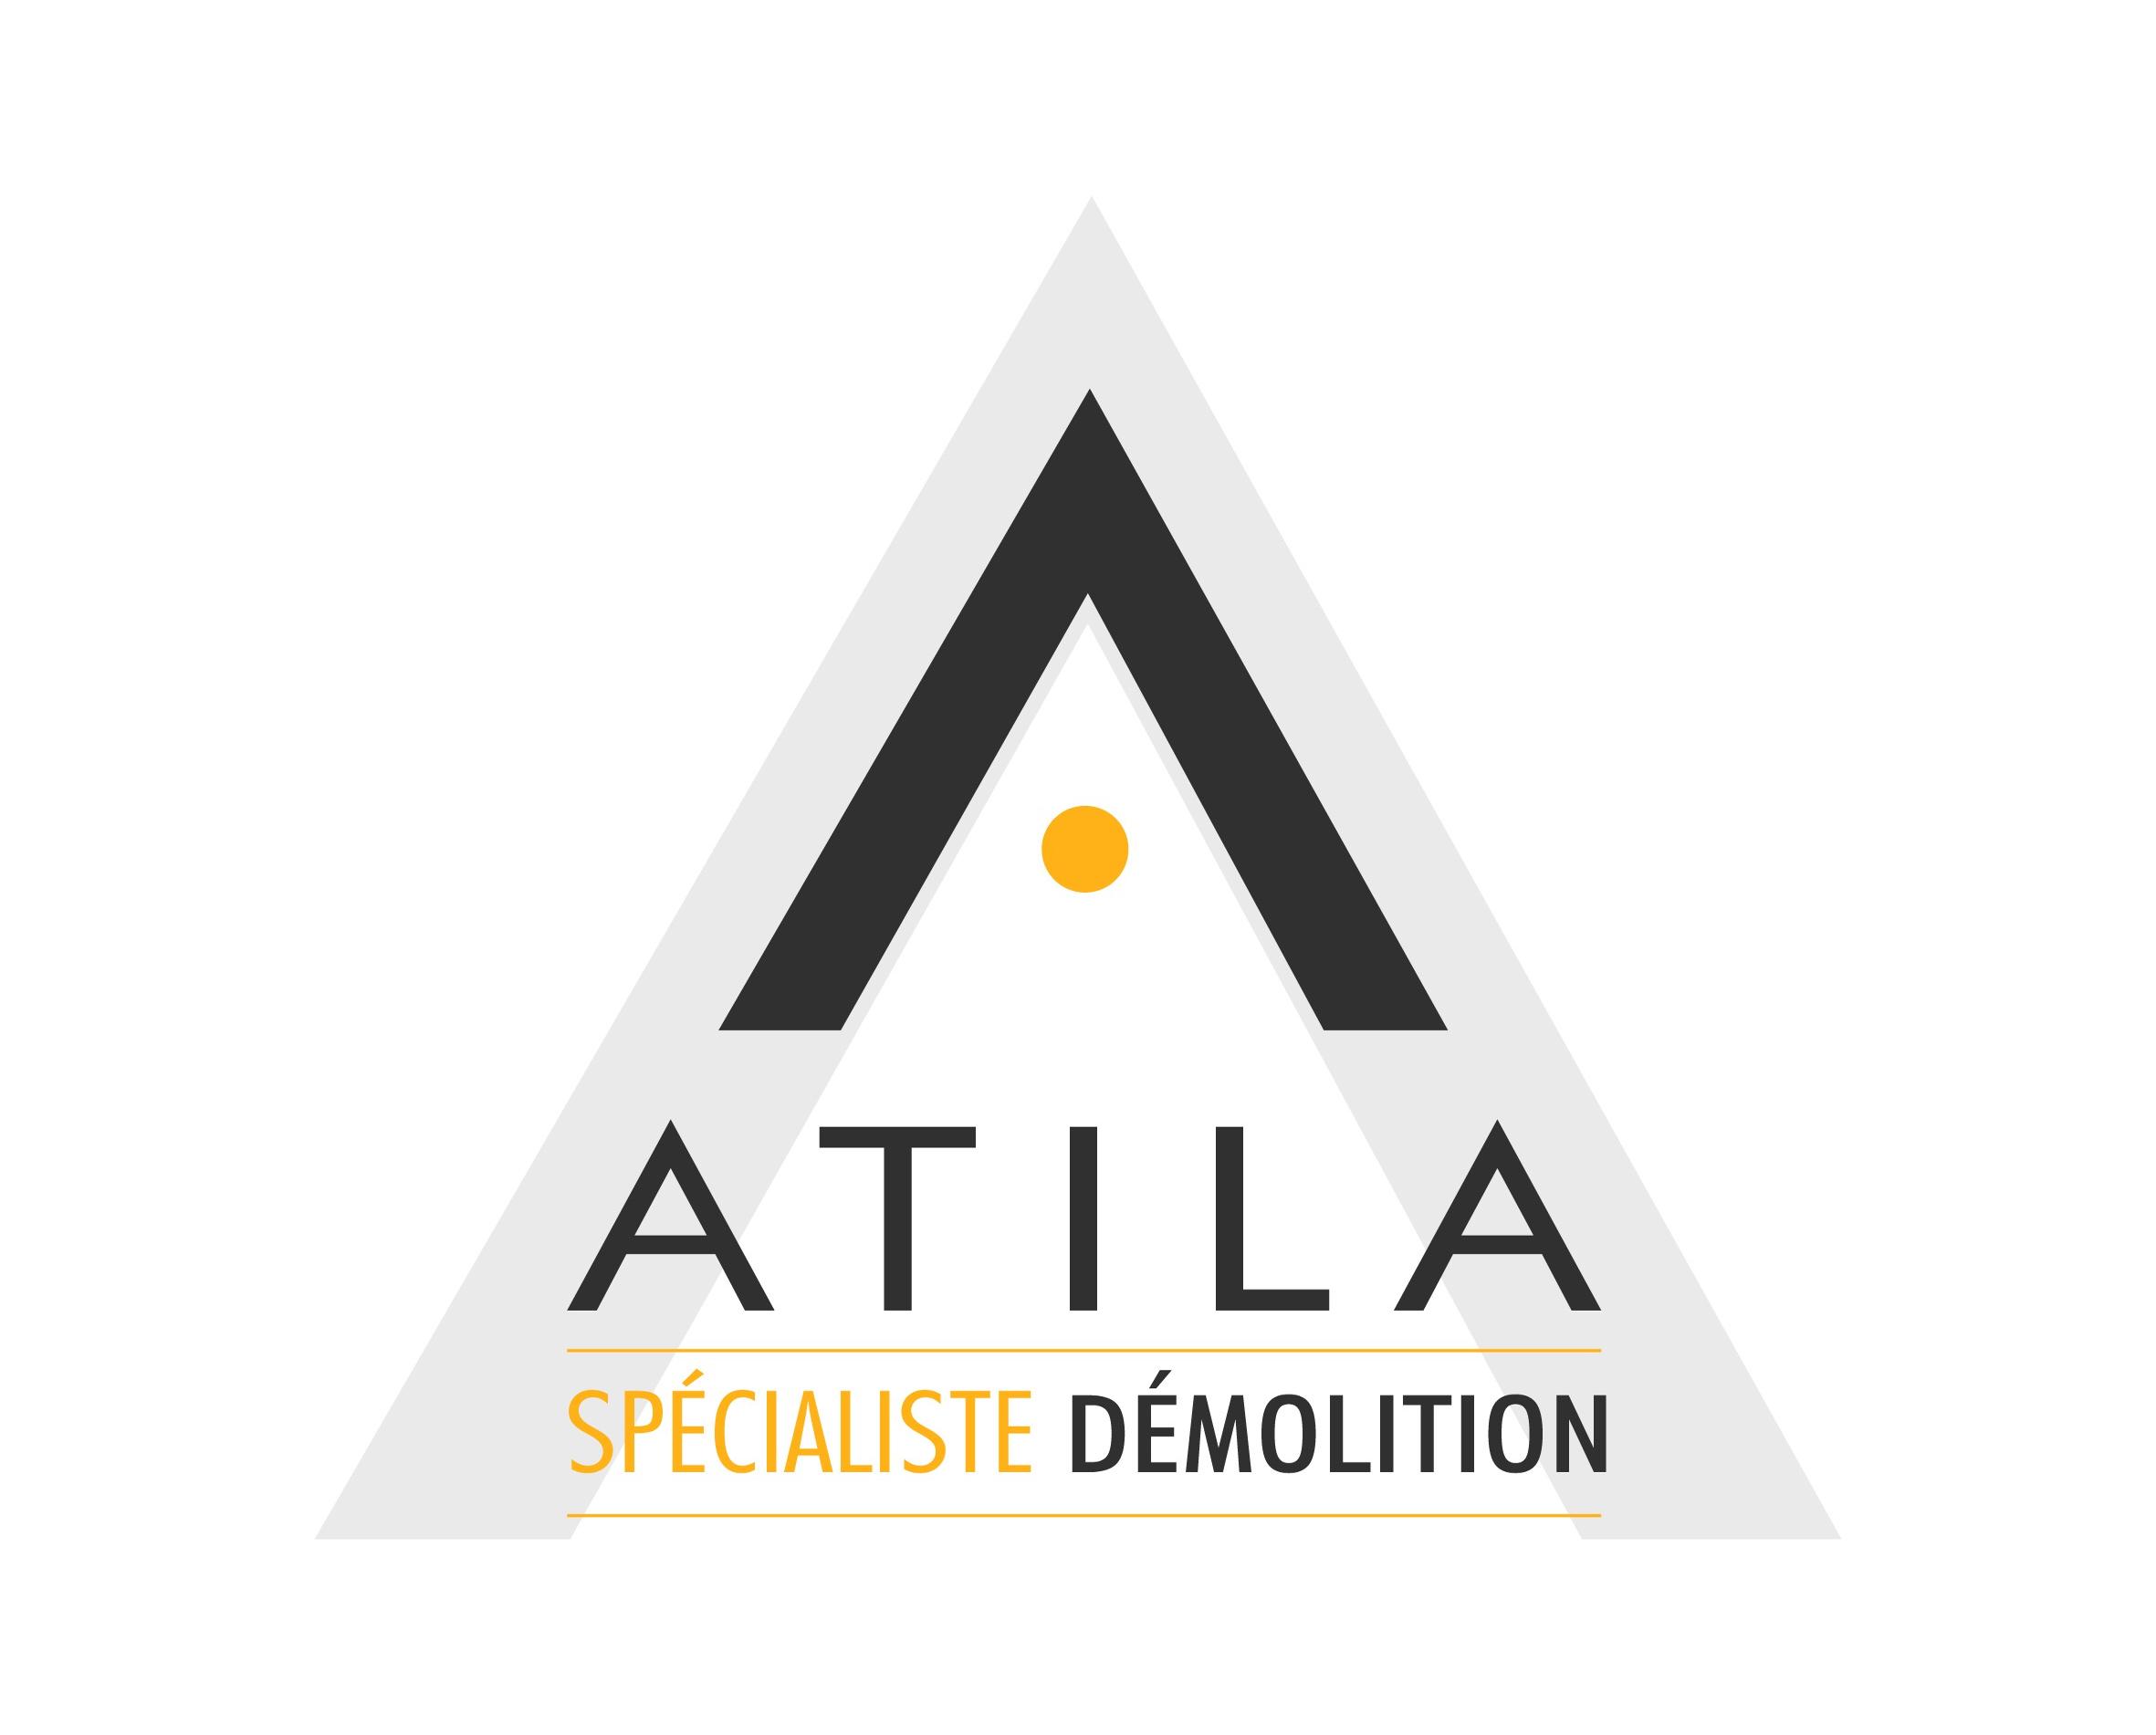 Atila Demolition | Entreprise spécialisée de démolition en Gironde | Devis Gratuit